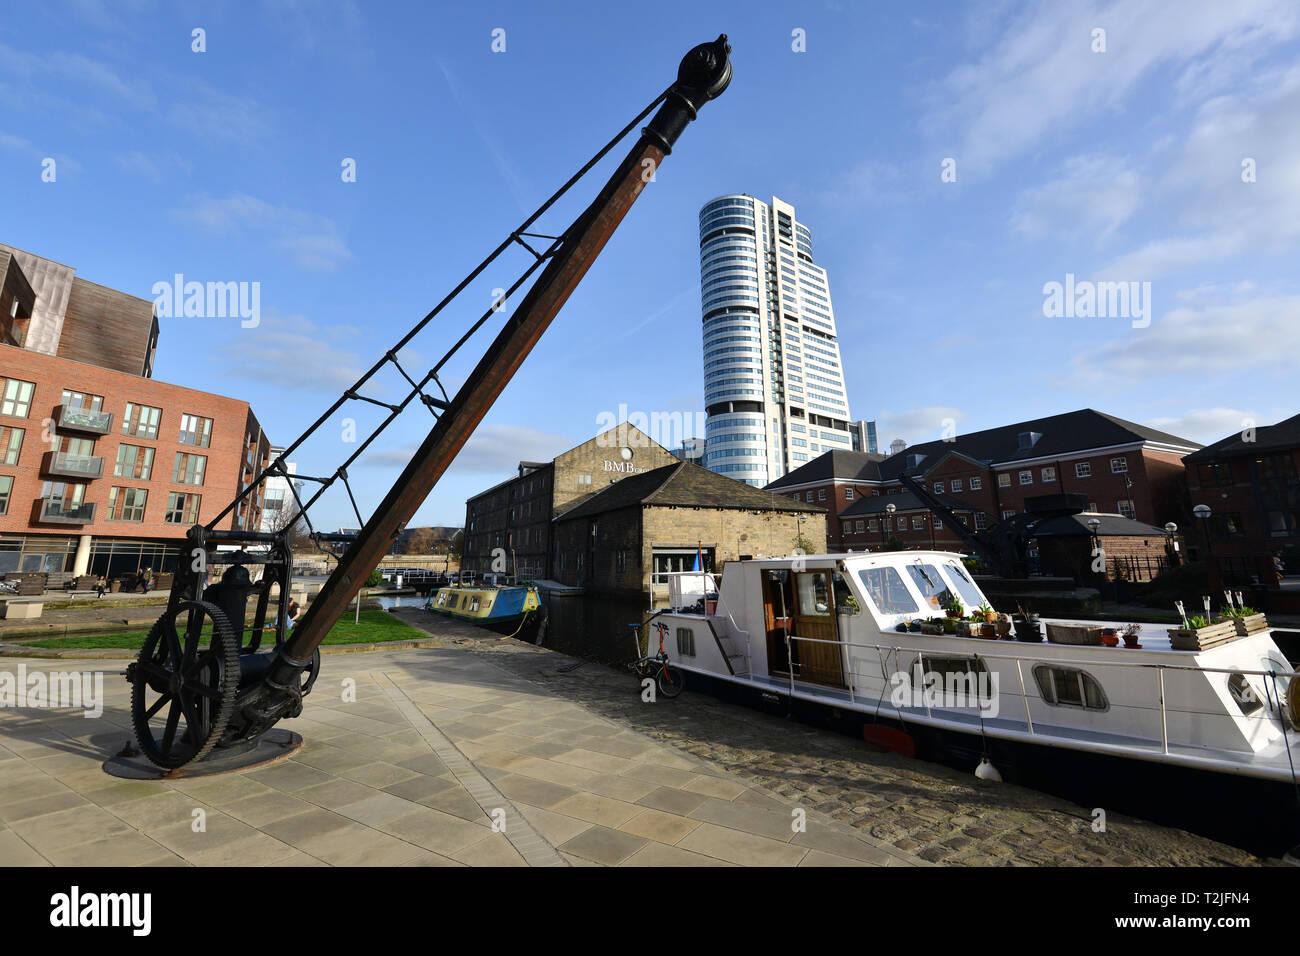 Leeds, Yorkshire, UK, showing Bridgewater Place. - Stock Image